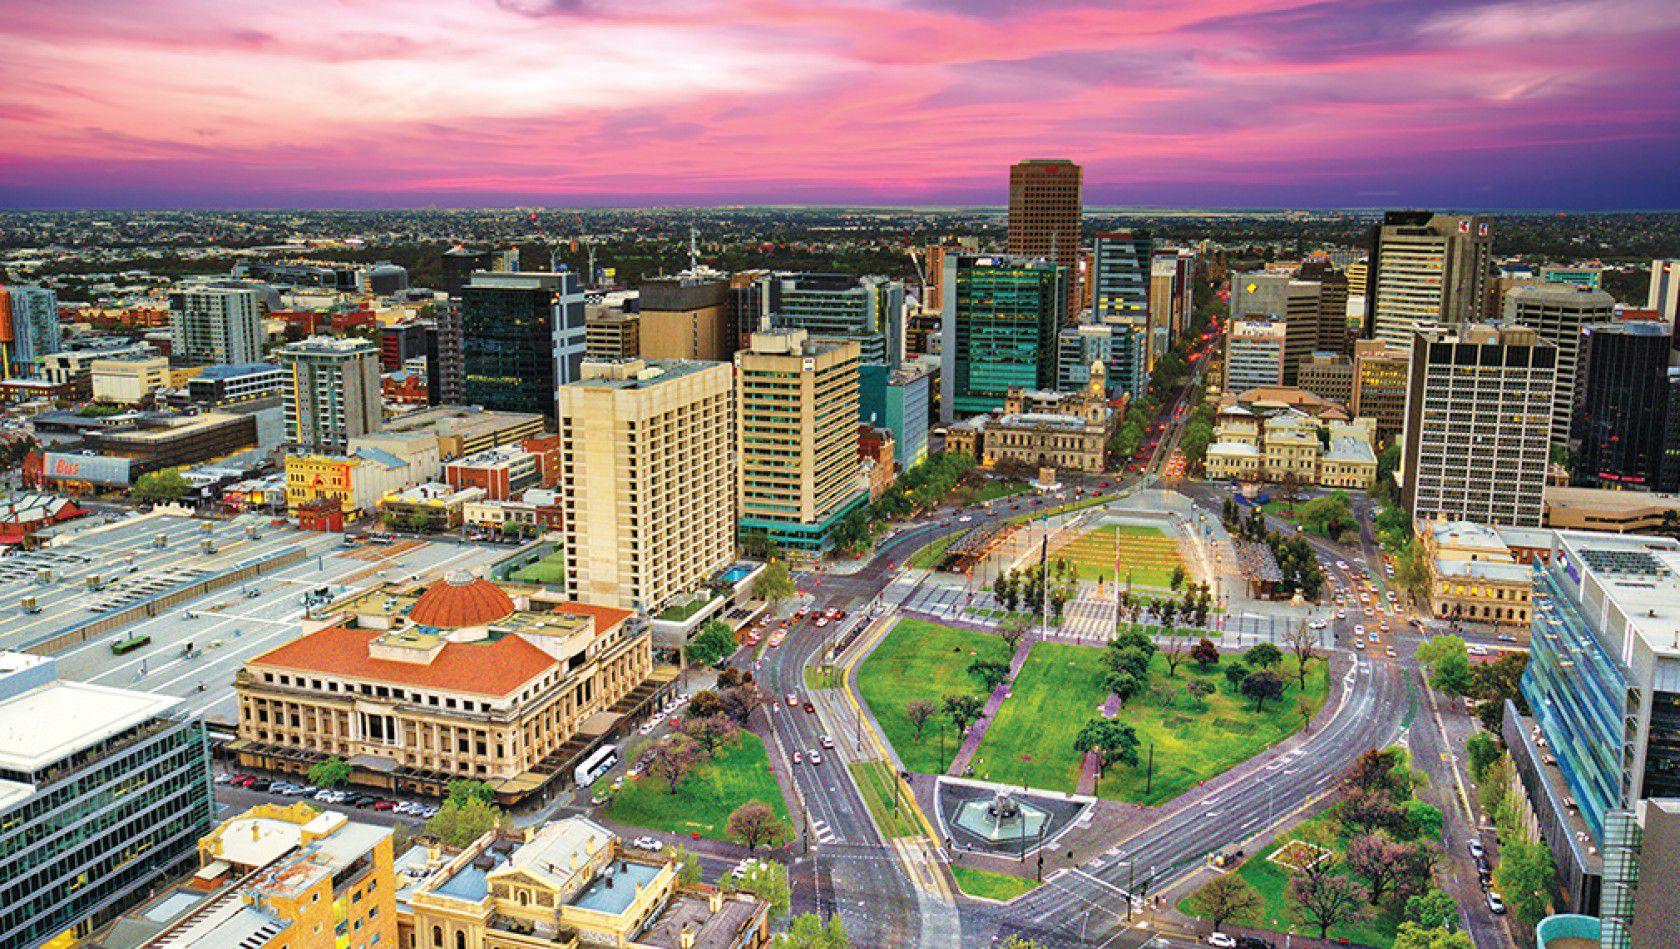 Avustralya Adelaide'da Lise Eğitimi Almak